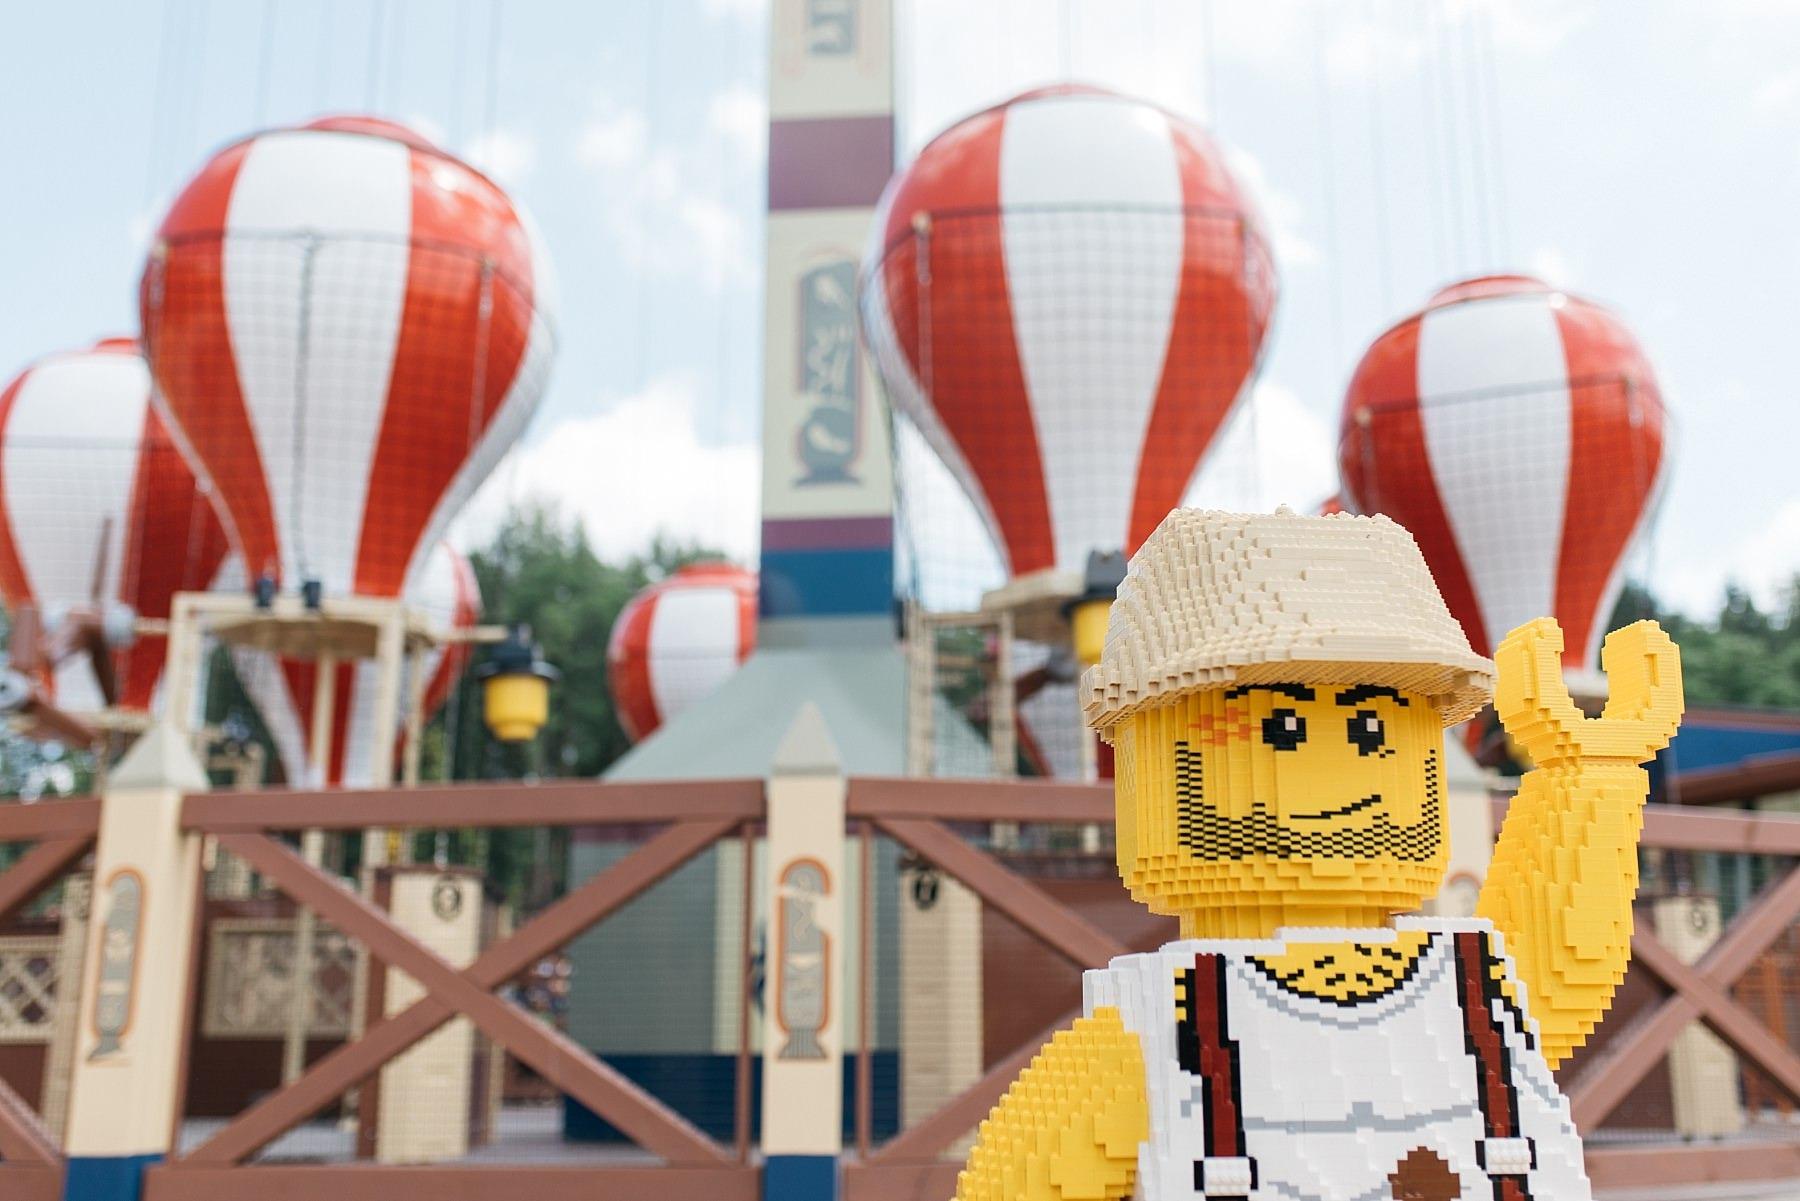 Legoland - 57 millions de briques Lego 57